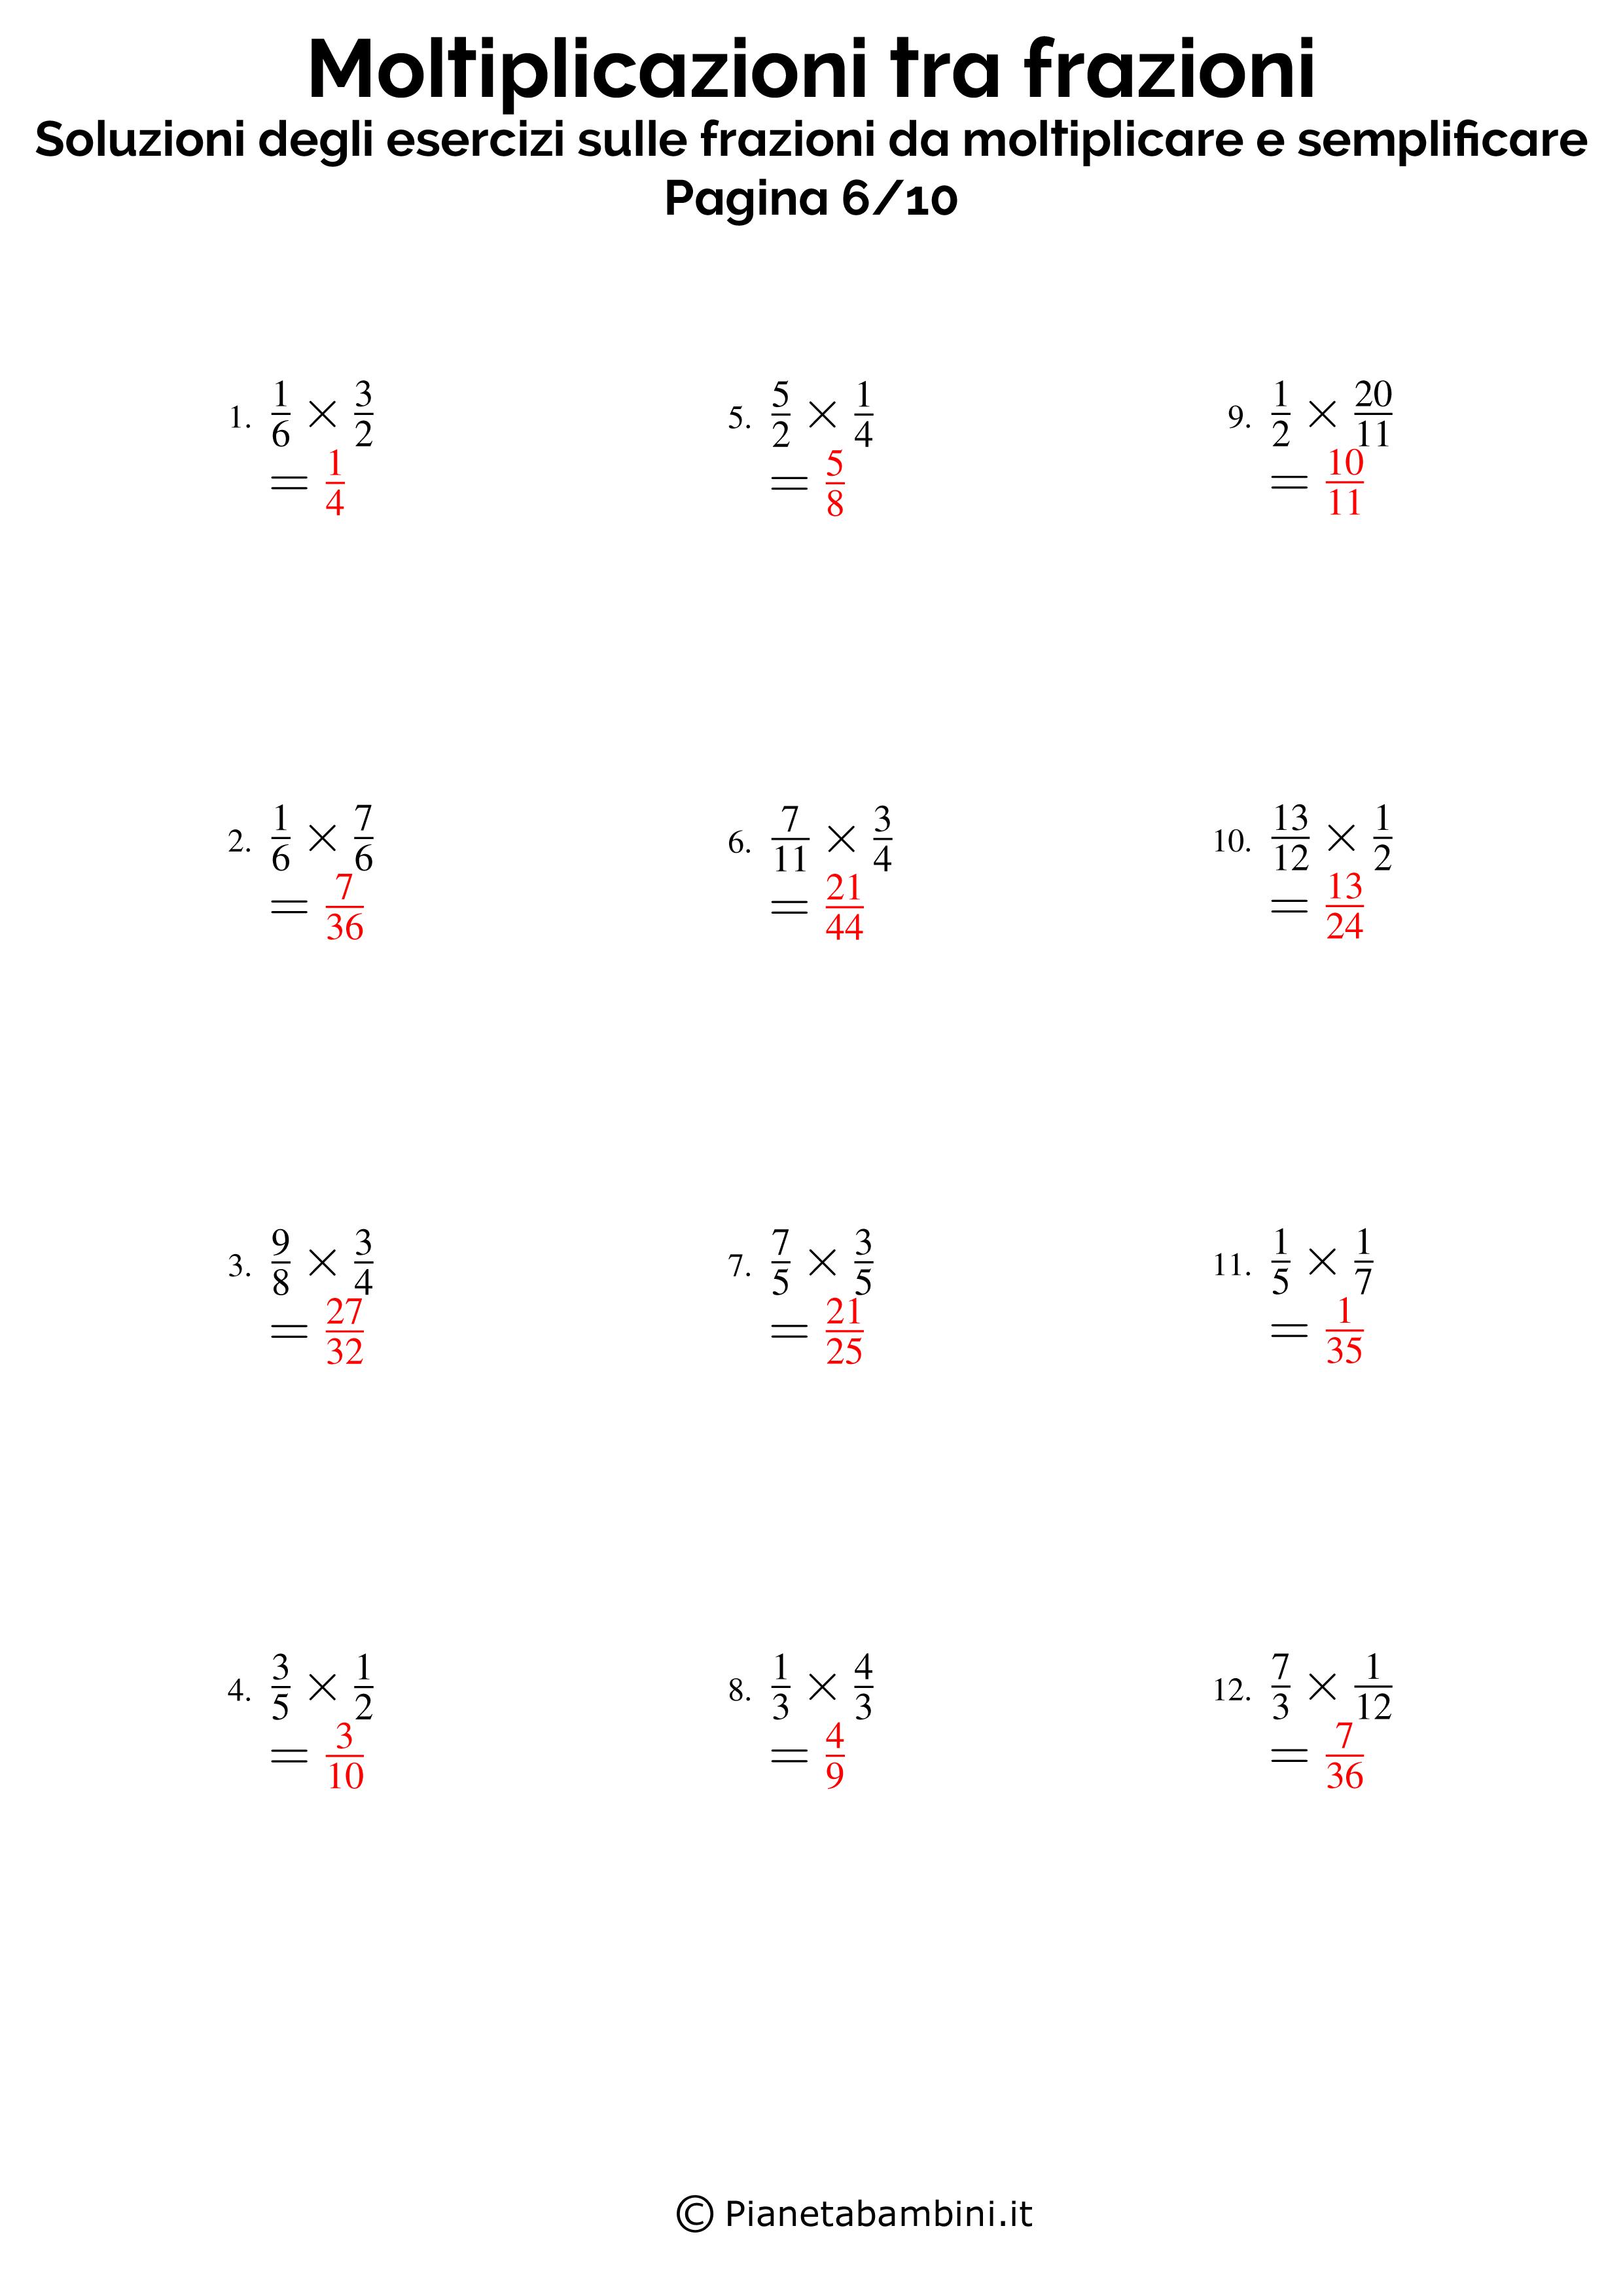 Soluzioni-Frazioni-Moltiplicare-Semplificare_06